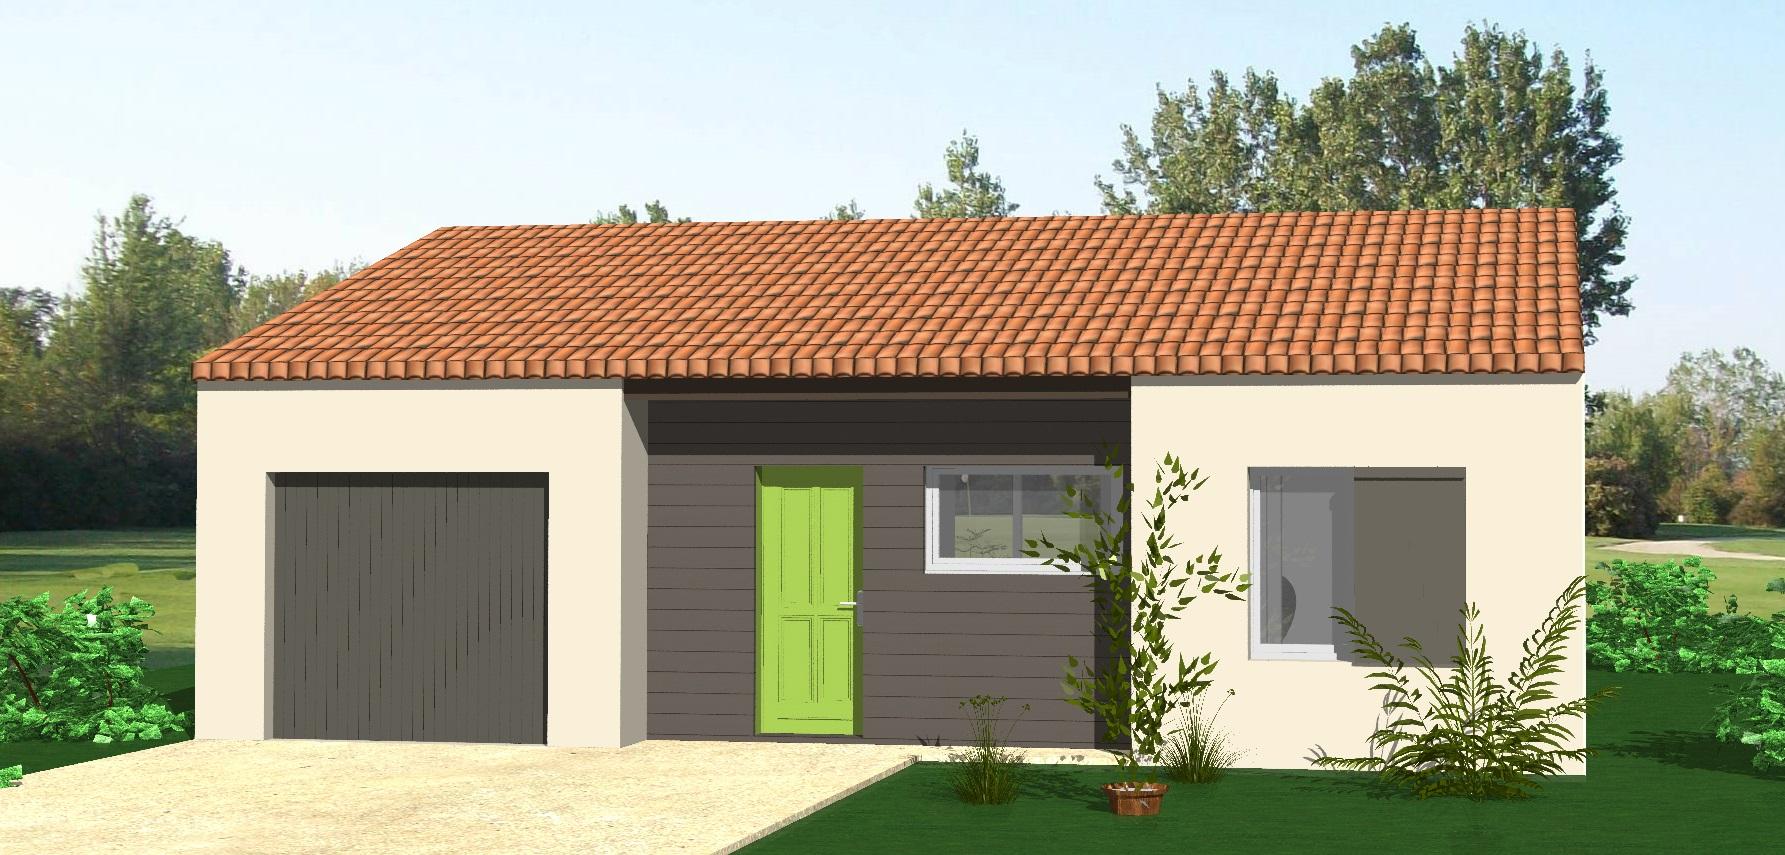 maison cl en main 60000 euros maison moderne